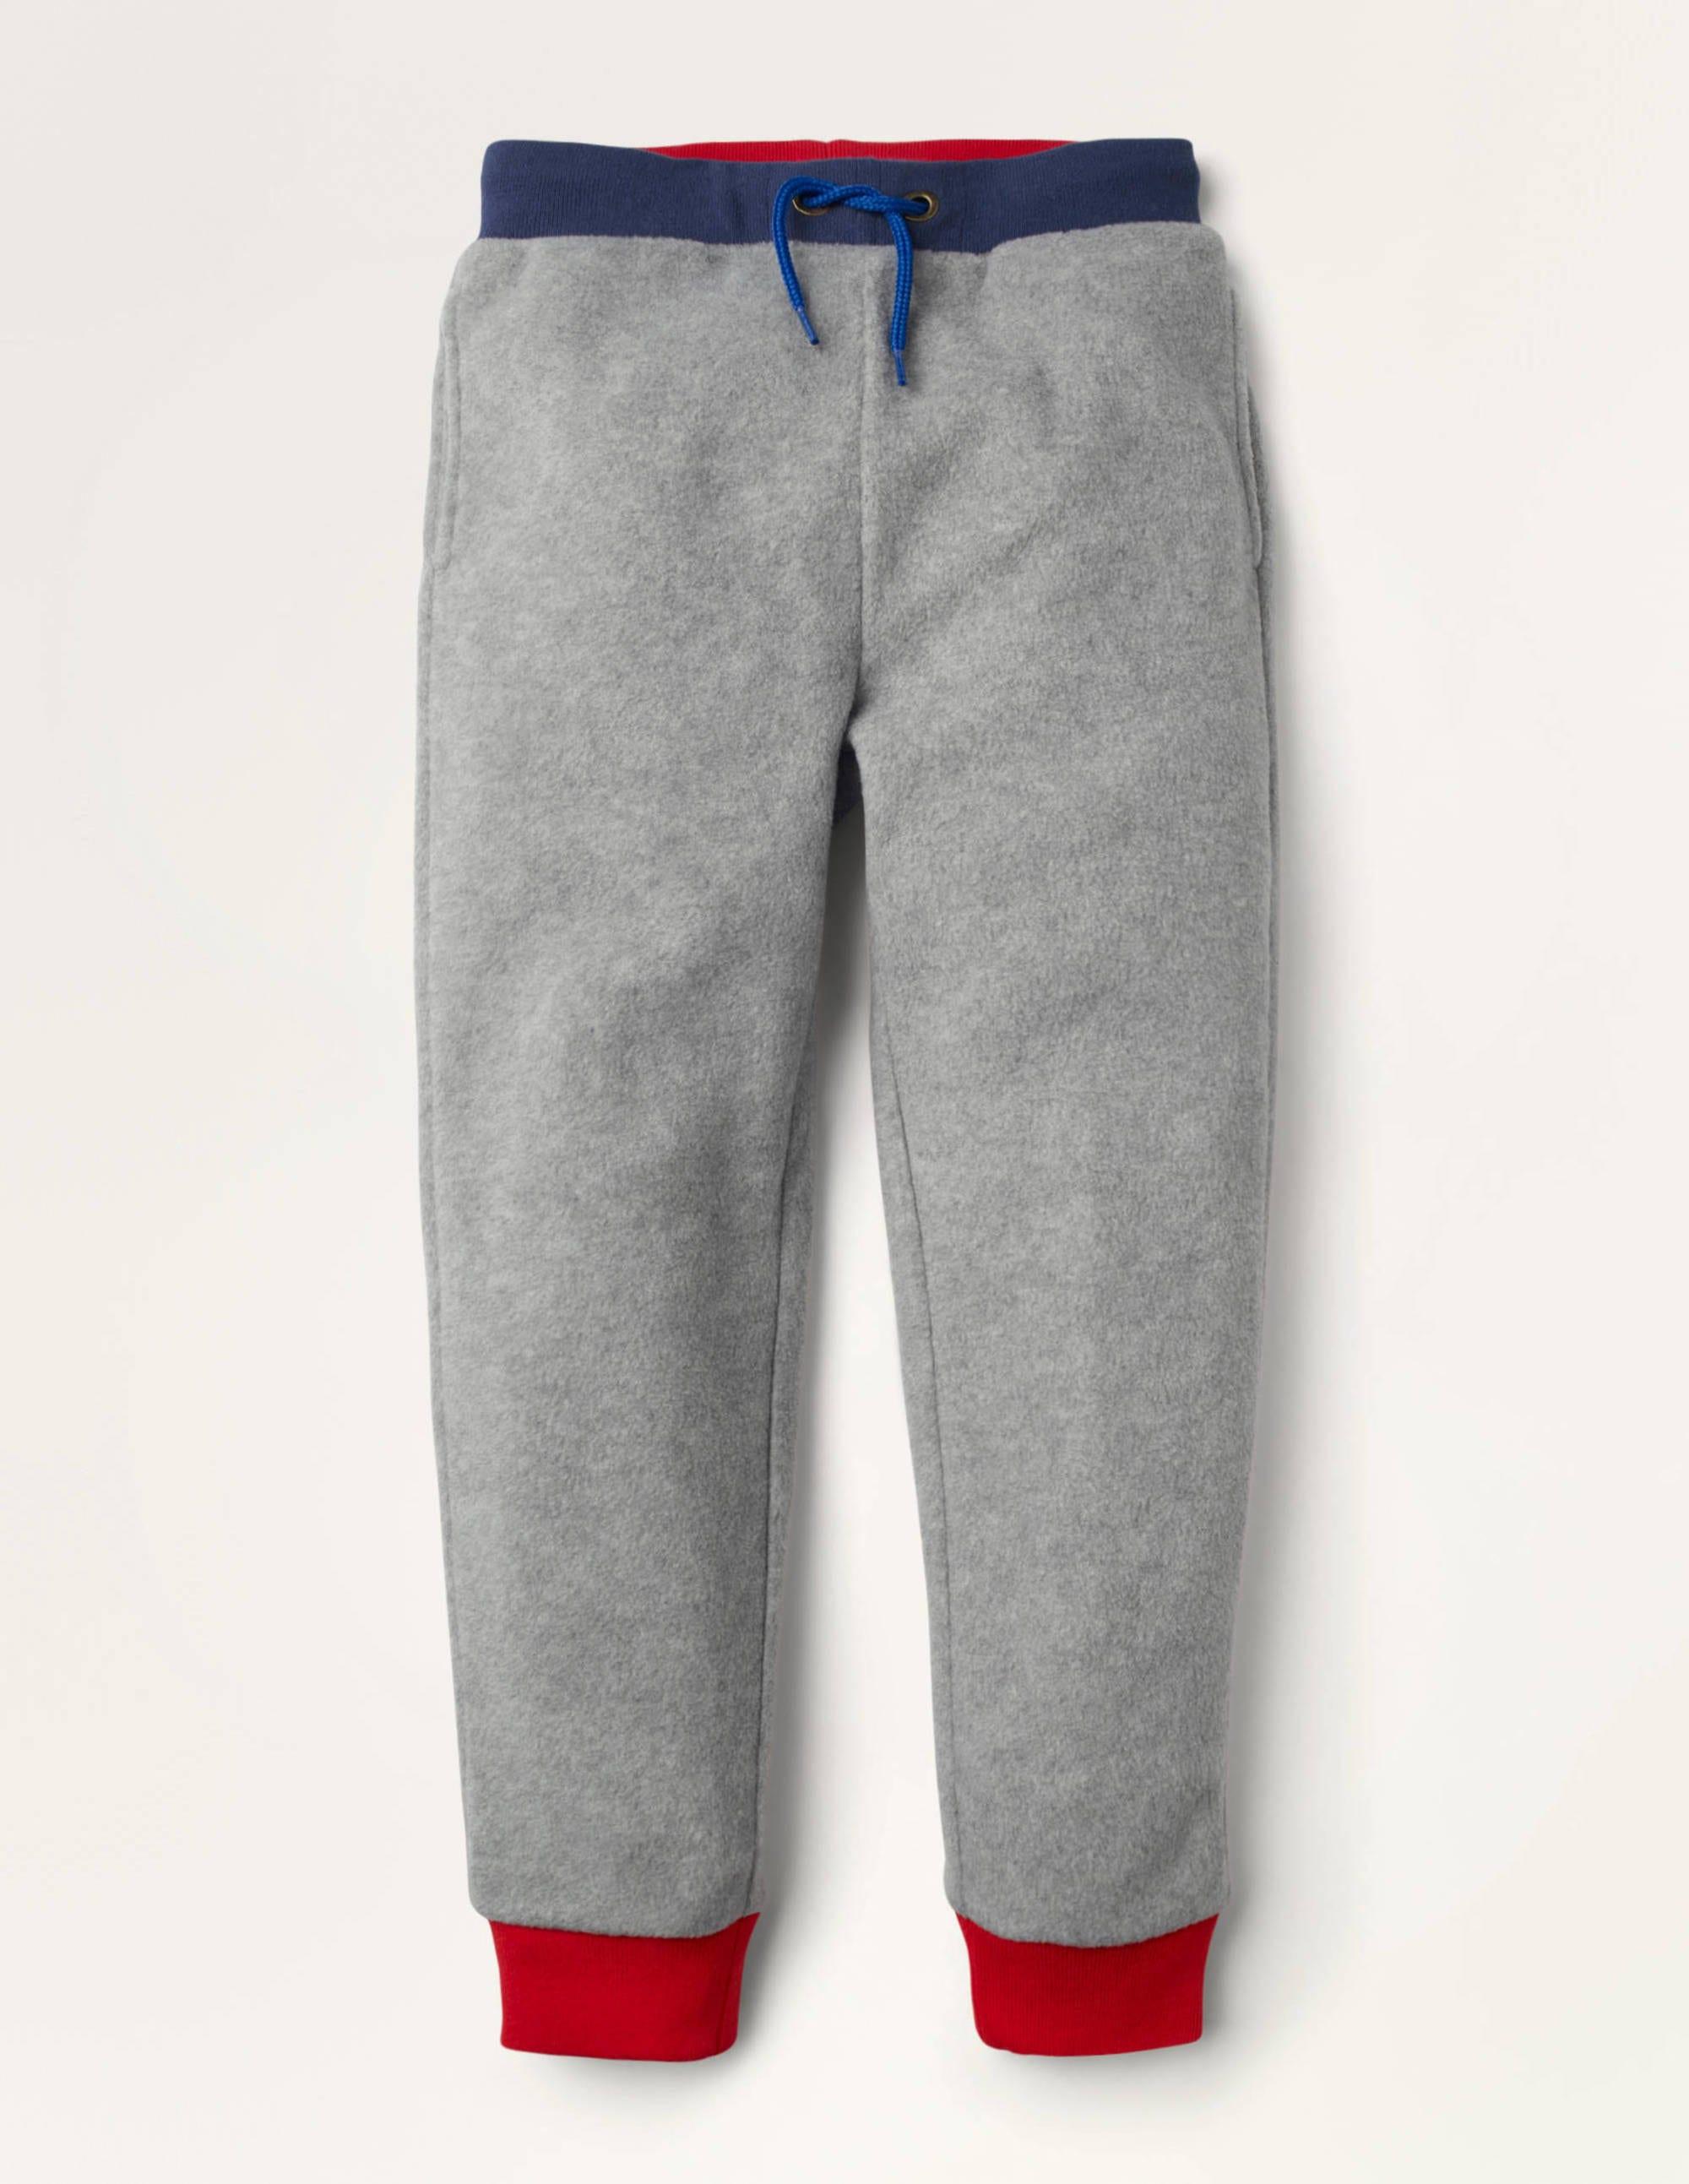 Mini Bas de jogging en micro-polaire GRY Garçon Boden, Grey - 12a